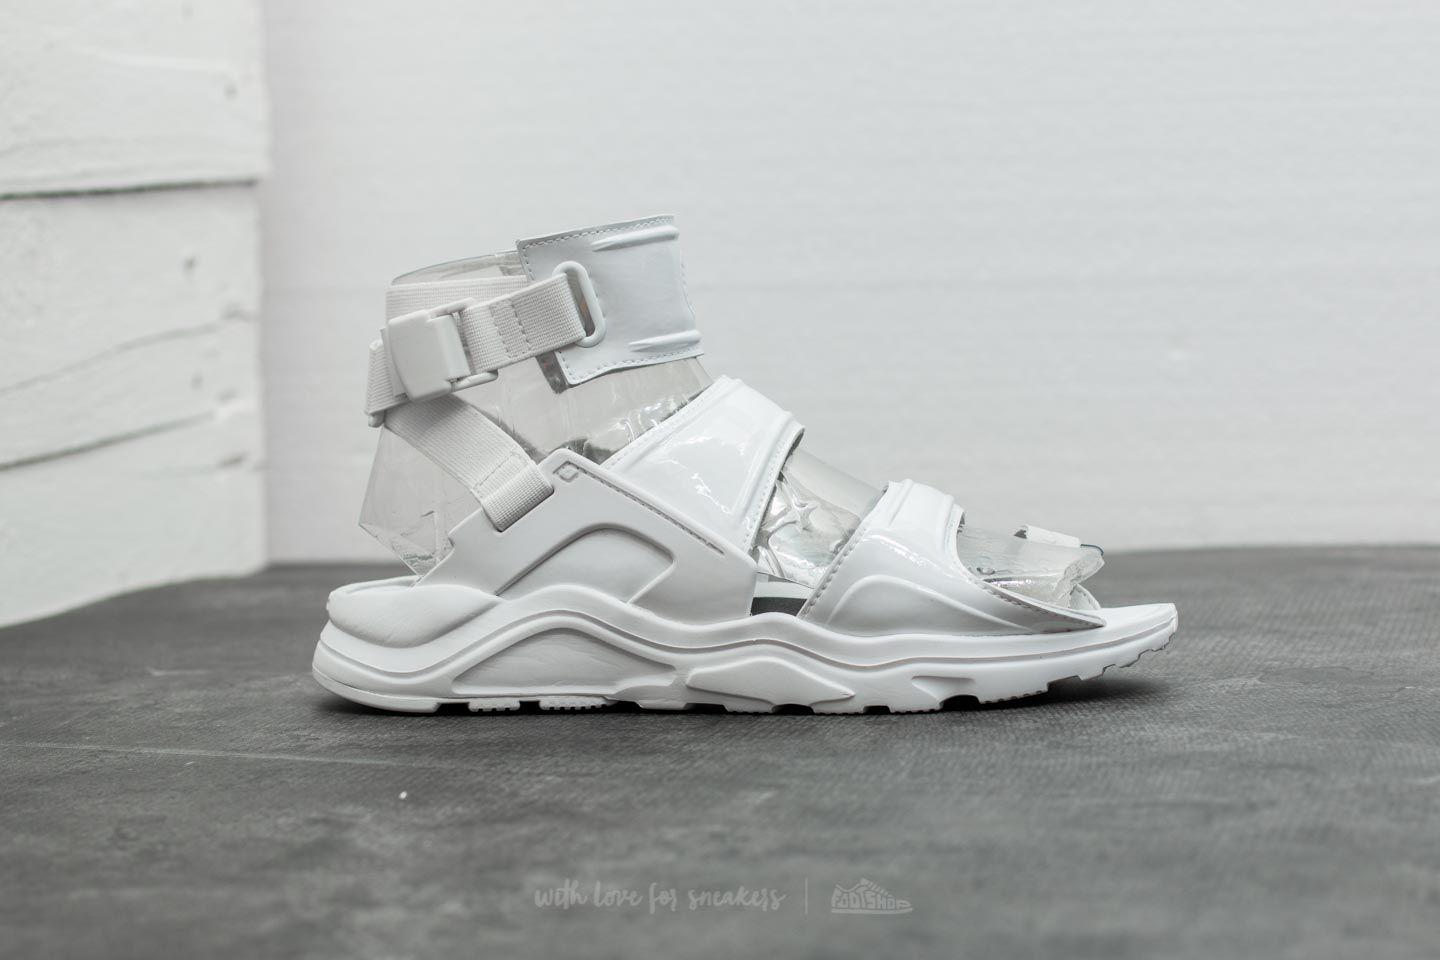 verkkosivusto alennus verkkokauppa mistä ostaa Nike Wmns Air Huarache Gladiator QS Summit White/ Summit ...